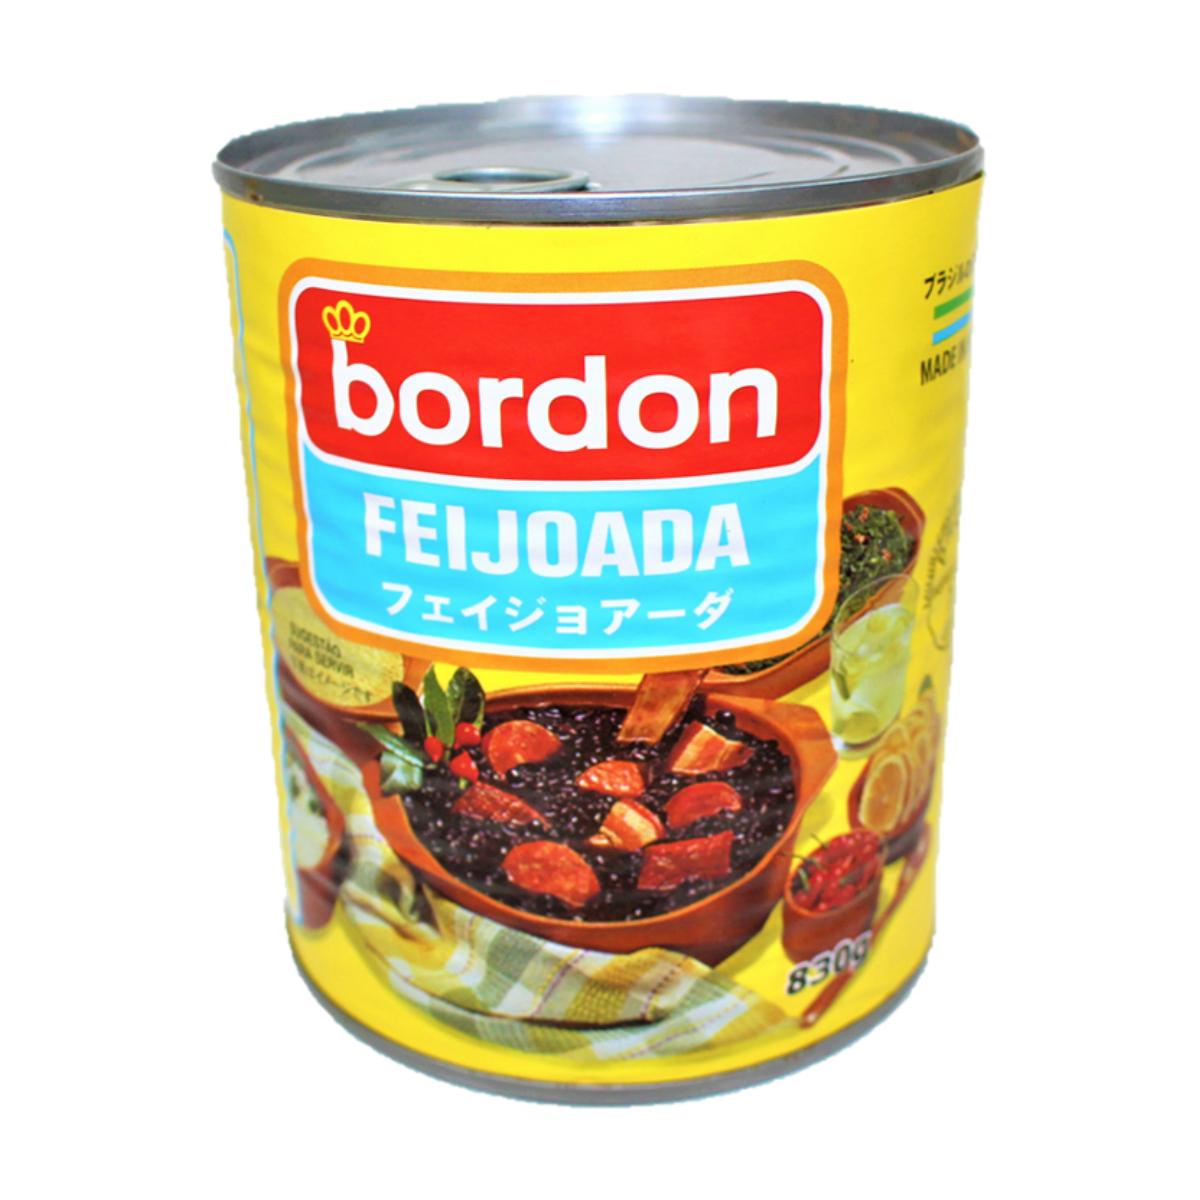 ブラジルの国民食ソールフード borbon FEIJOADA おすすめ特集 830gボルドン 爆安 黒インゲン豆と肉の煮込み 缶詰 フェイジョアーダ ブラジル